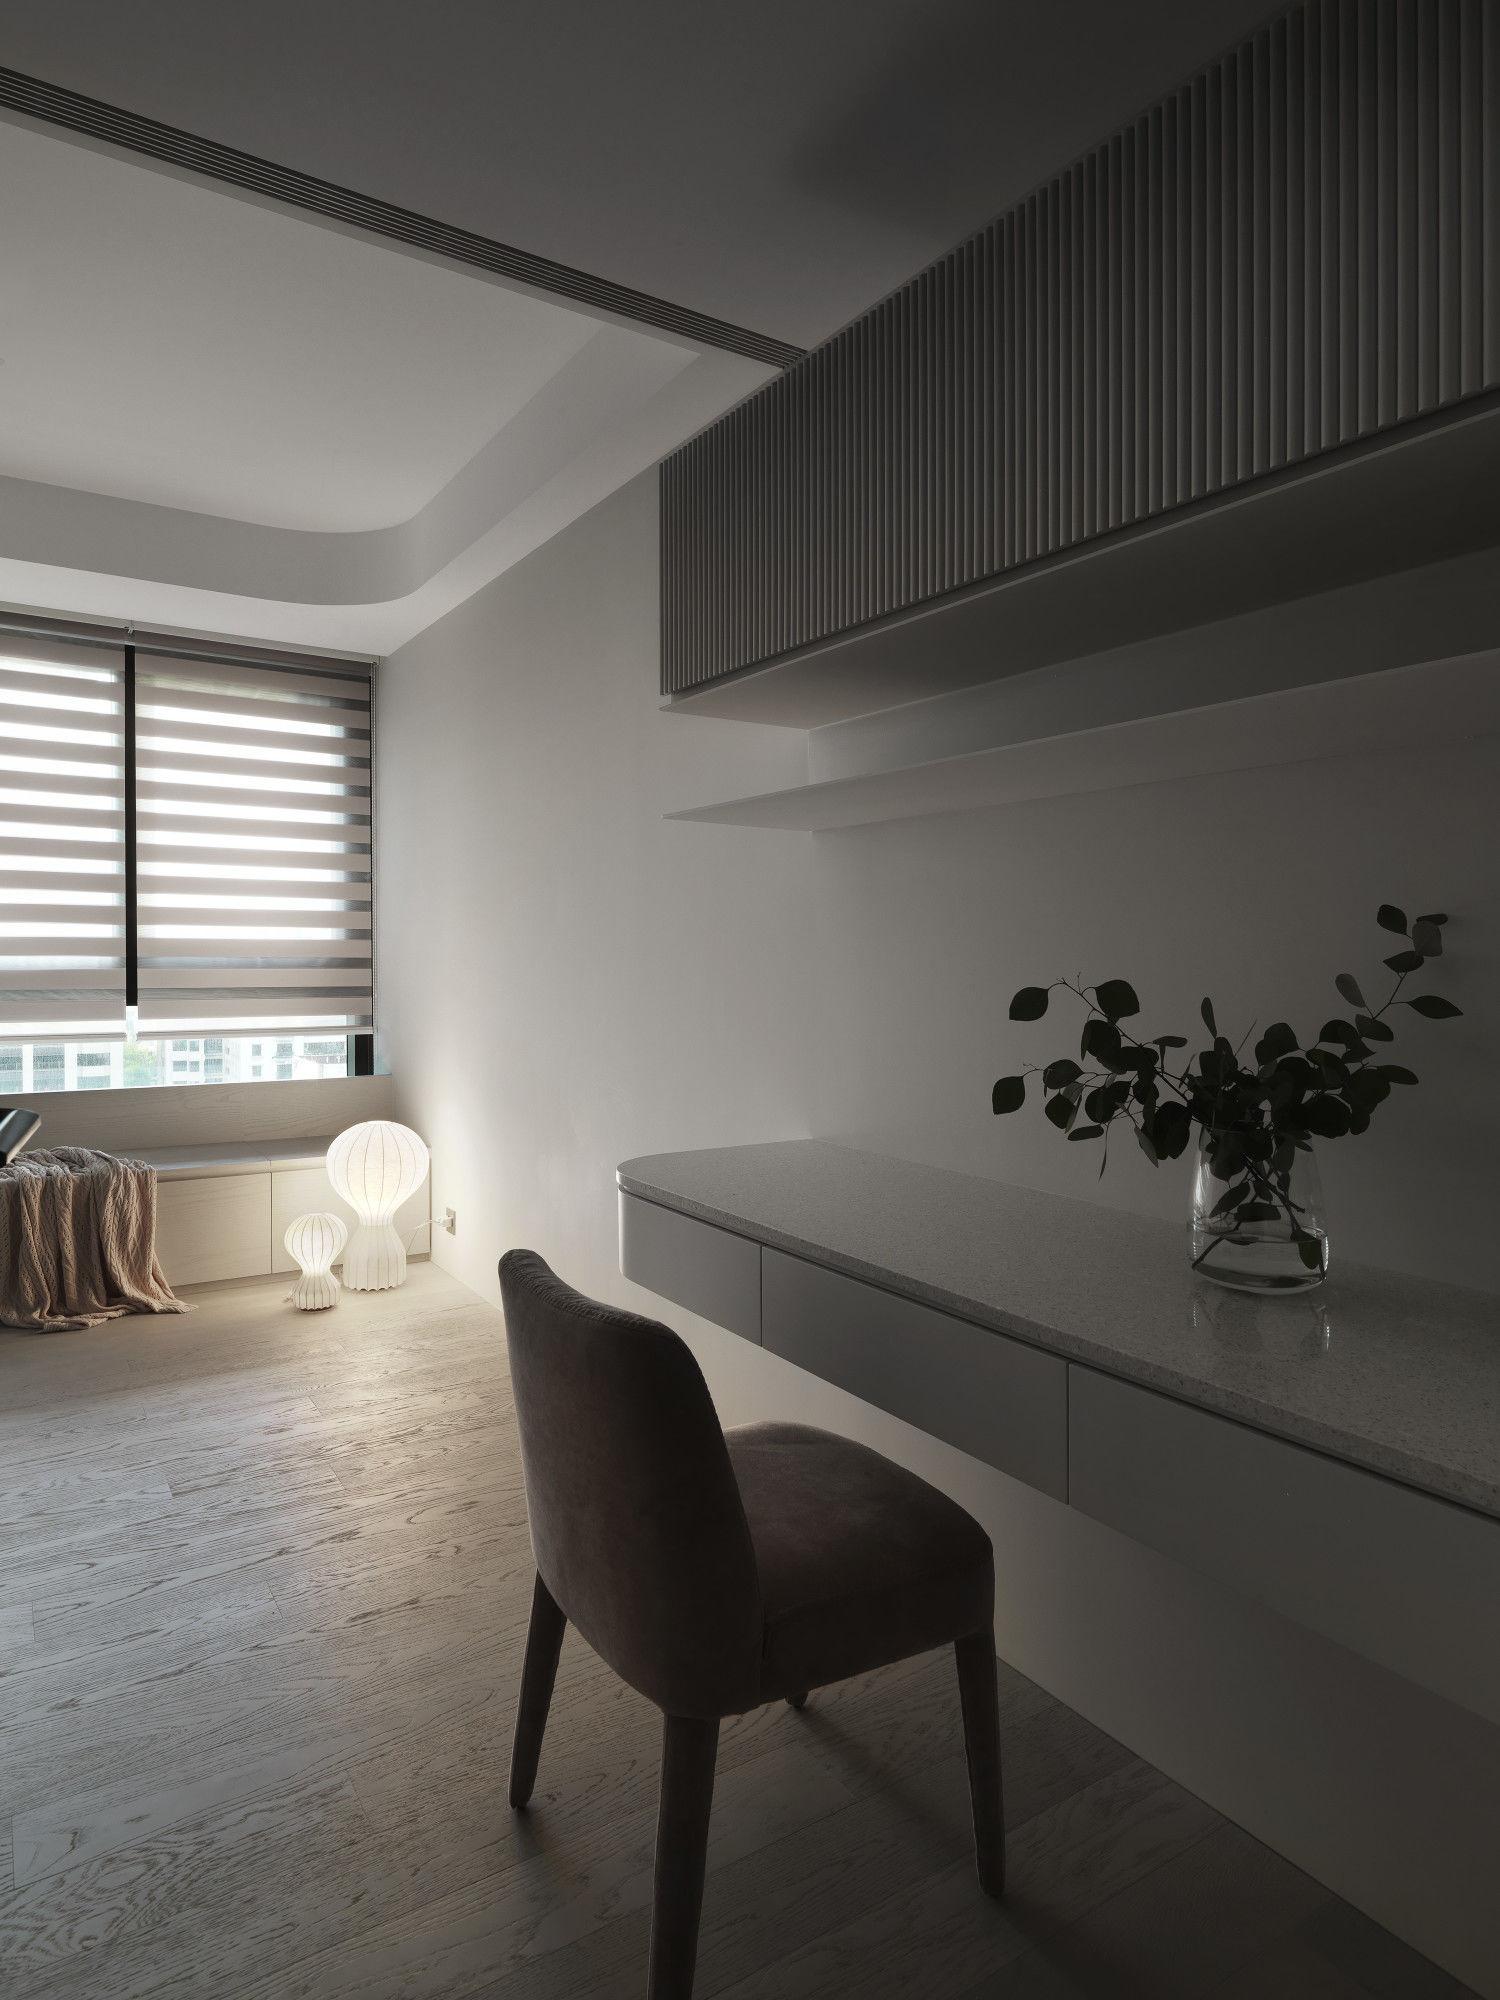 台中分子設計-現代風設計師-台中七期室內設計-電梯大樓整體規劃-臥室臥榻收納、訂製書桌